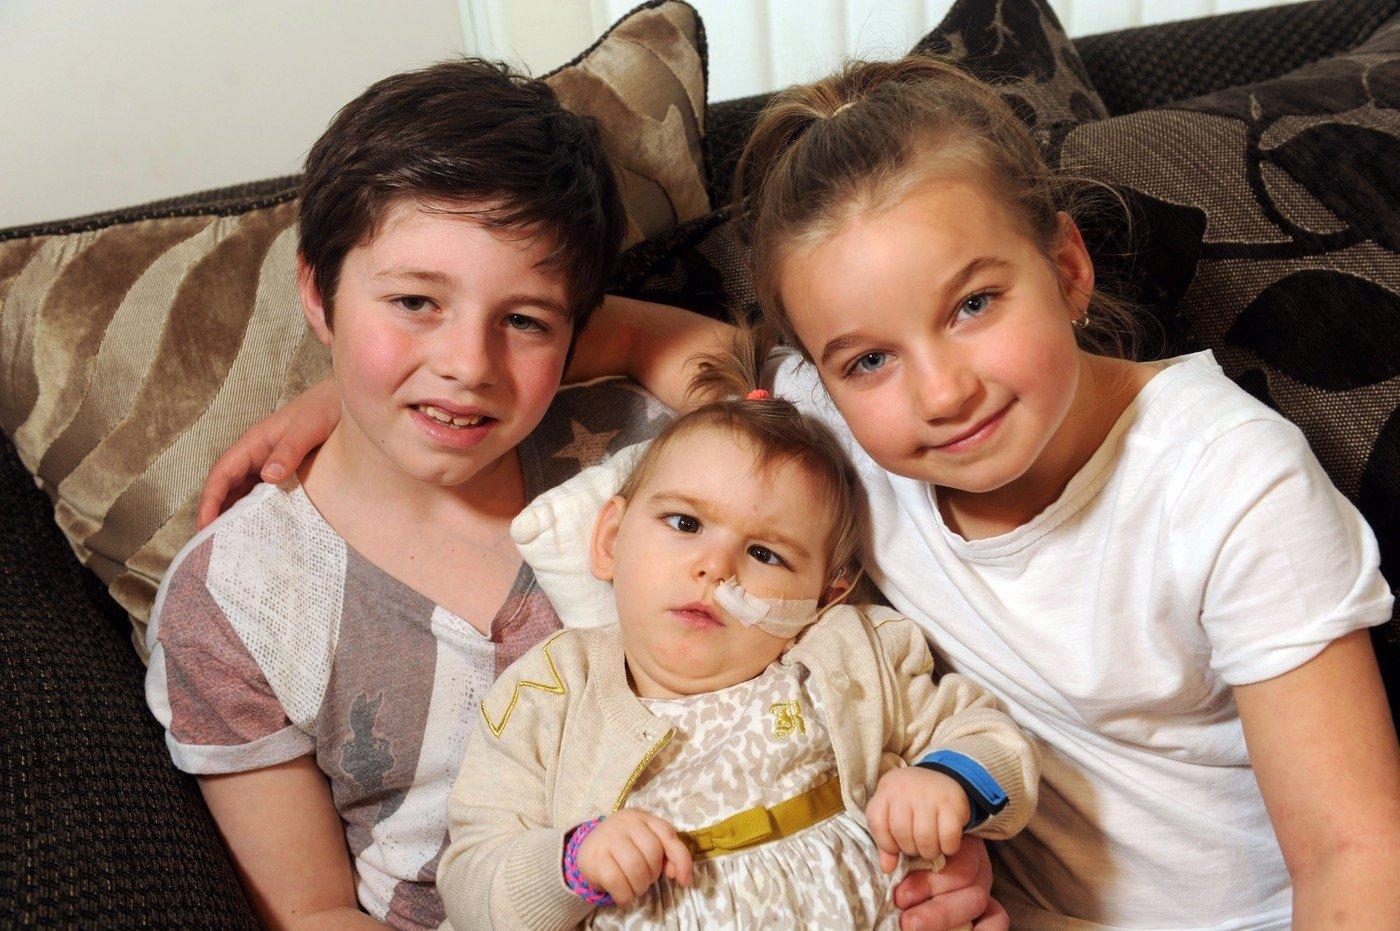 Rodina doufá, že malé dívce s mozkovou obrnou pomůže jedna šílená věc. Nikdy by vás nenapadlo, co to může být!